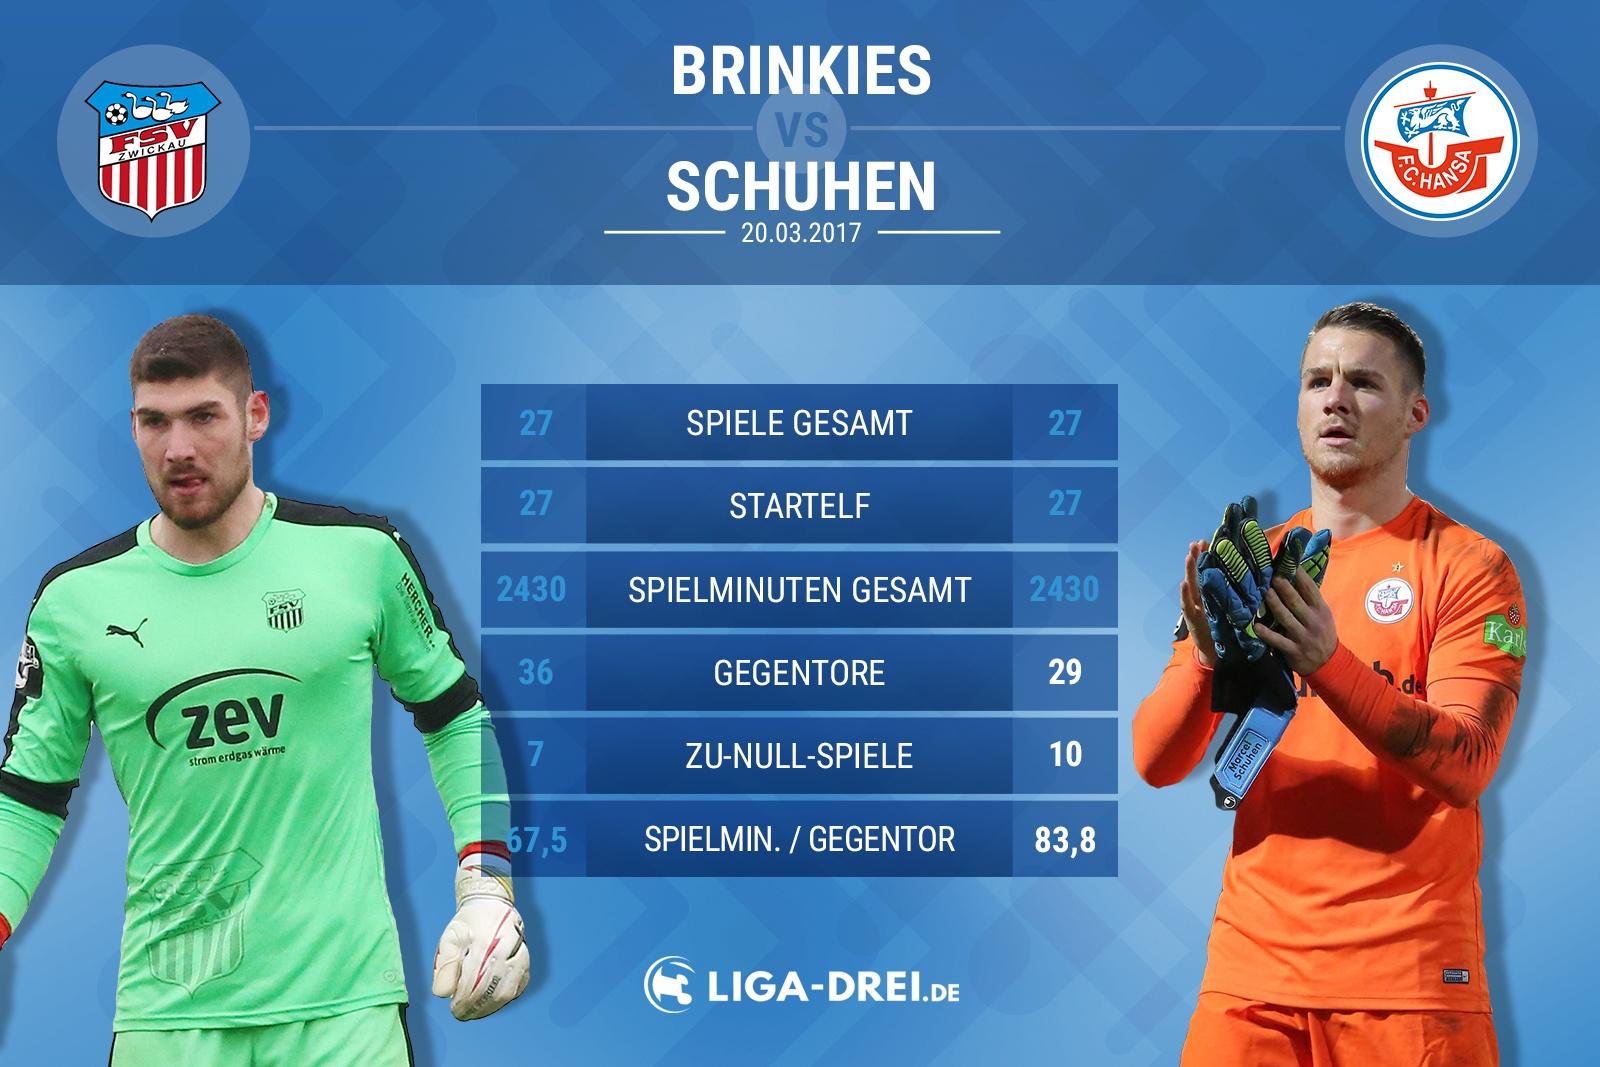 Spielervergleich Brinkies vs Schuhen